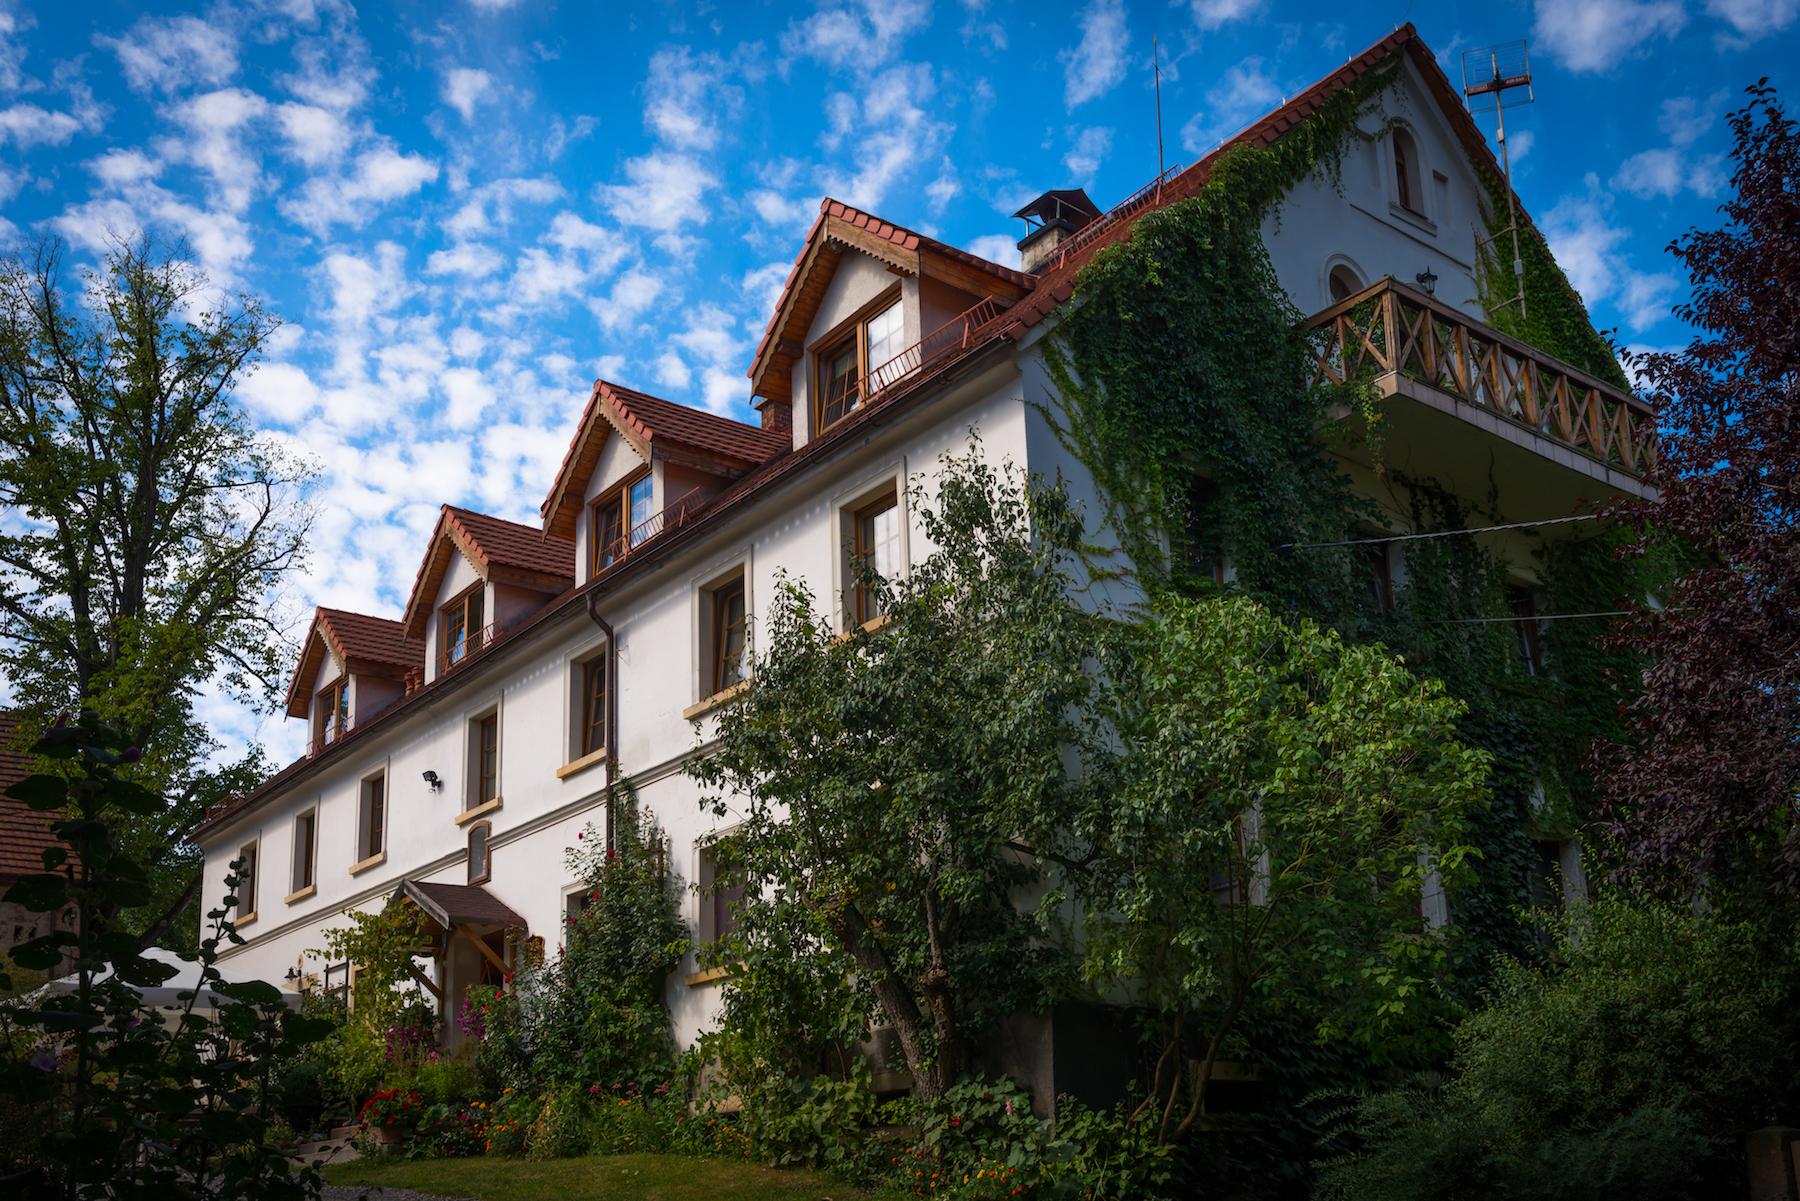 Pensjonat Villa Greta, który oferuje 42 miejsca noclegowe